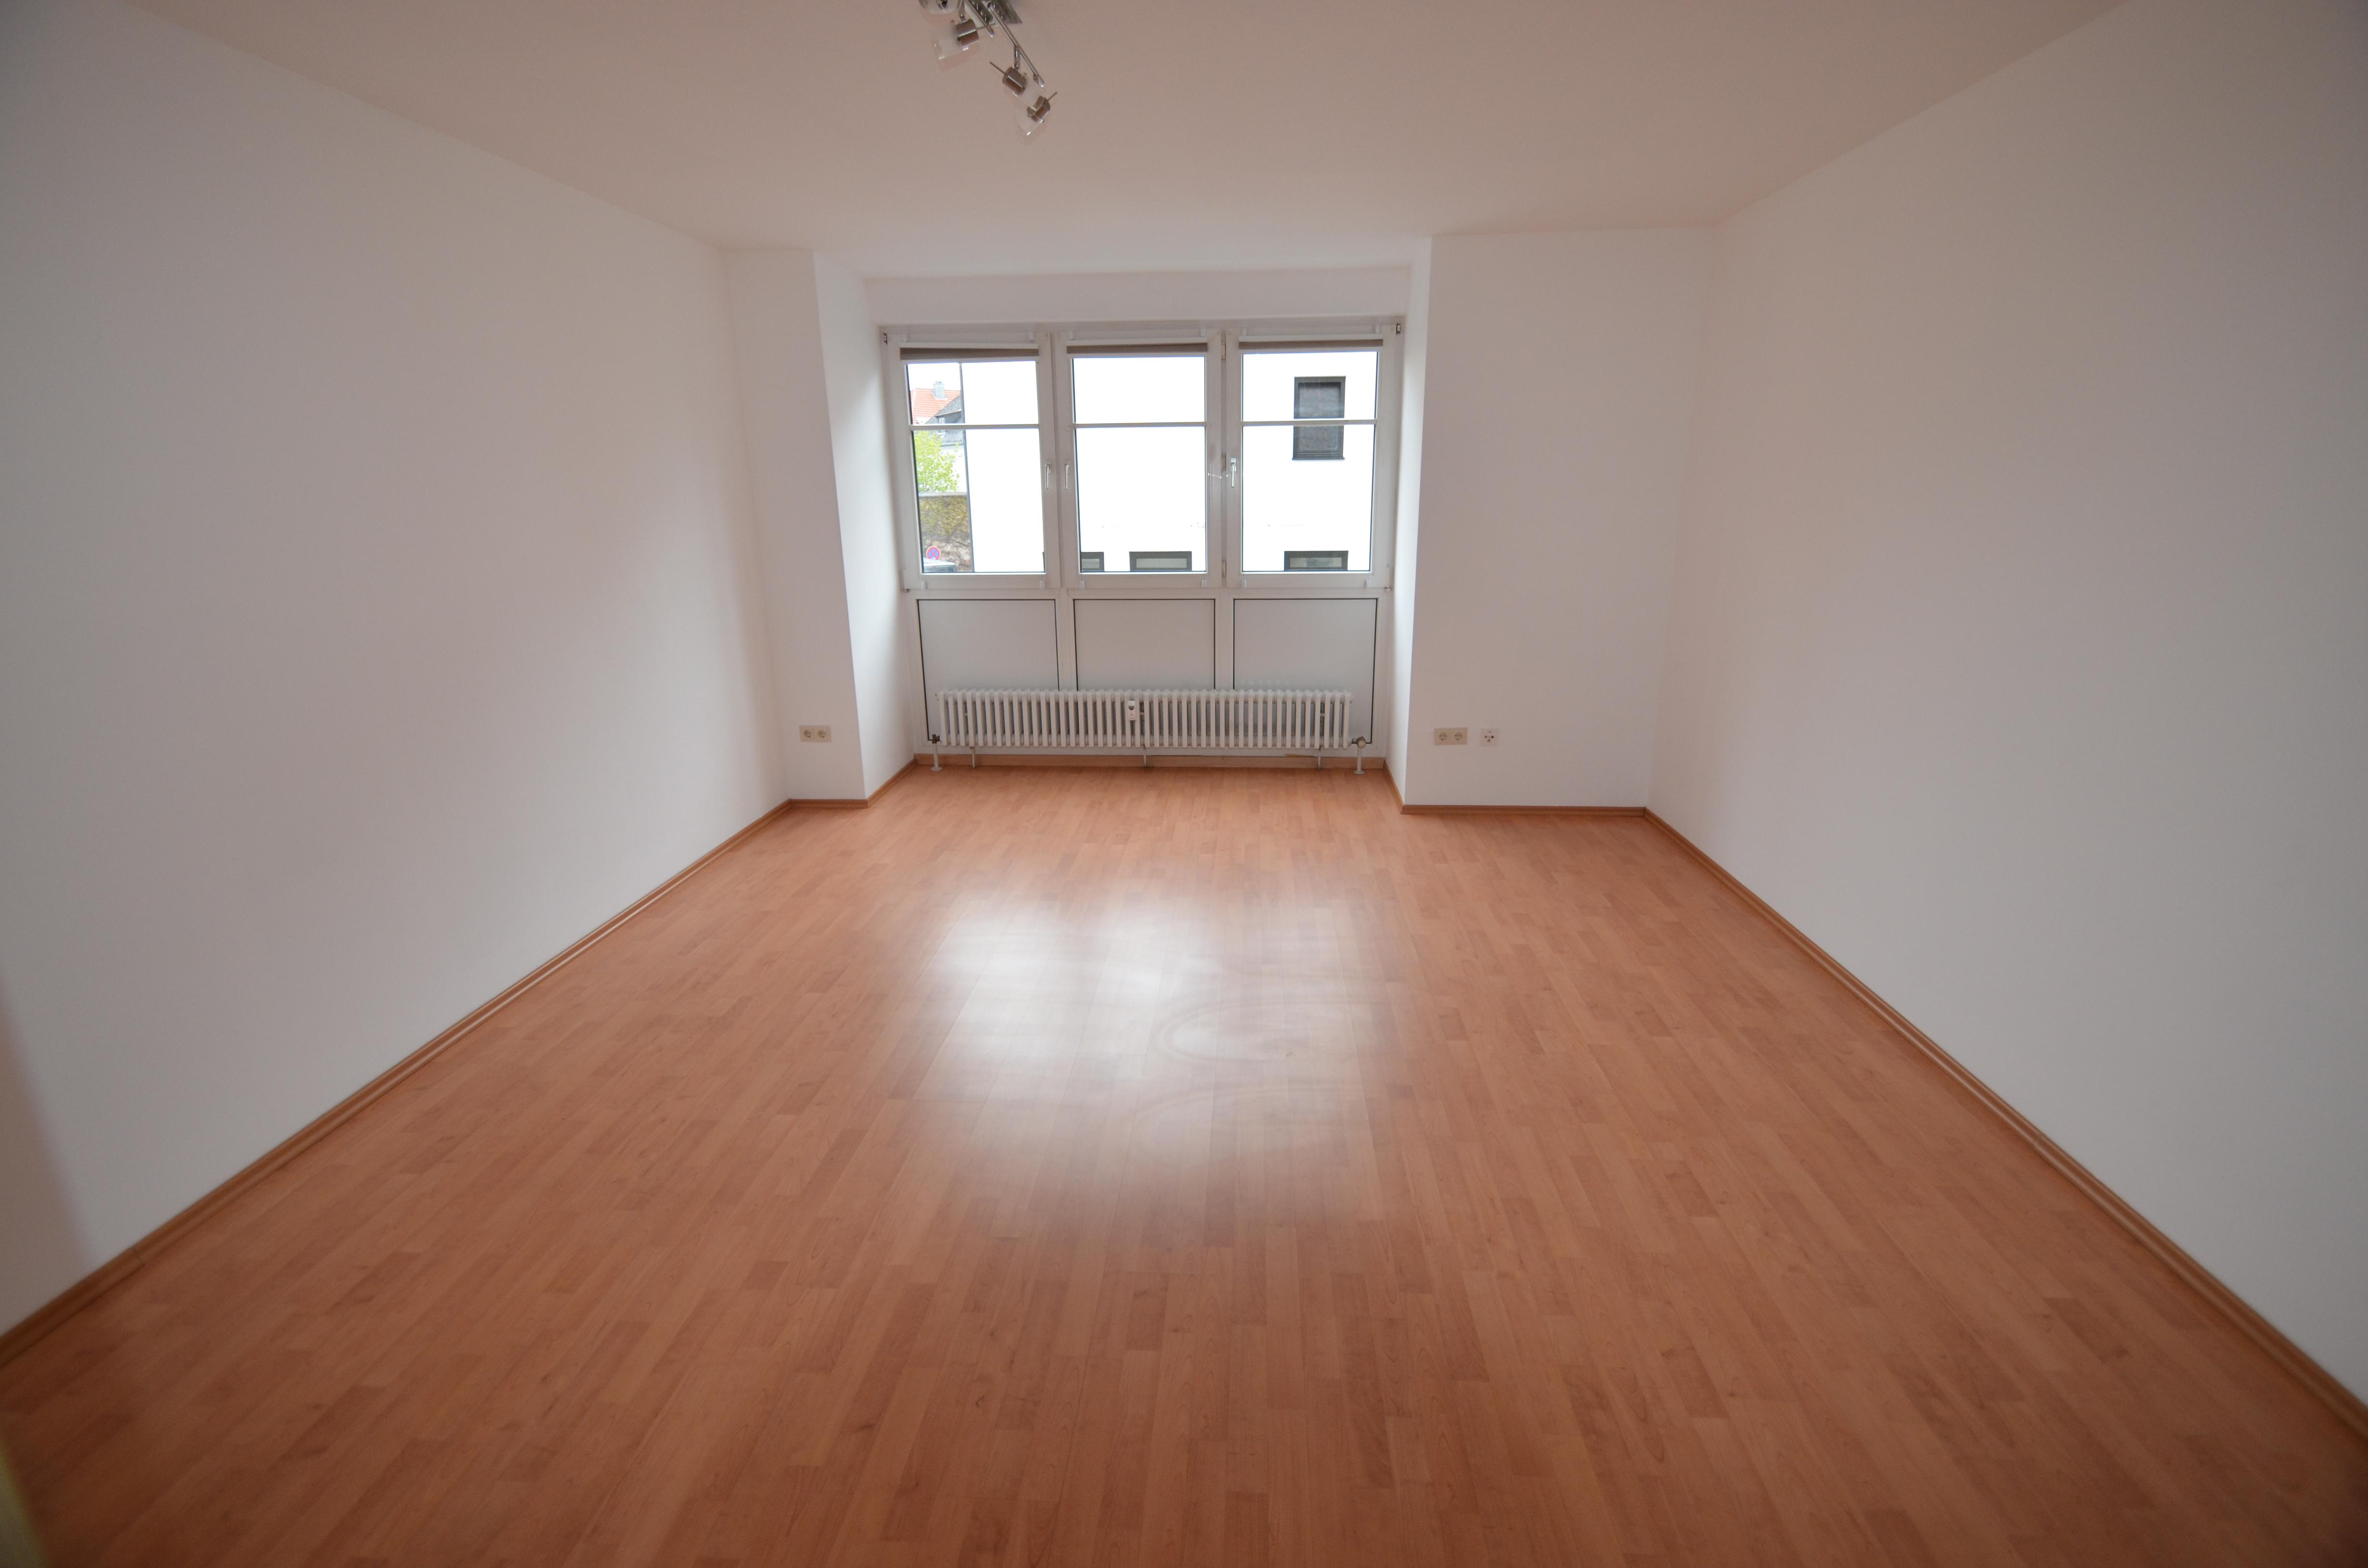 Sehr schönes helles 1-Zimmer-Apartment in zentraler Lage